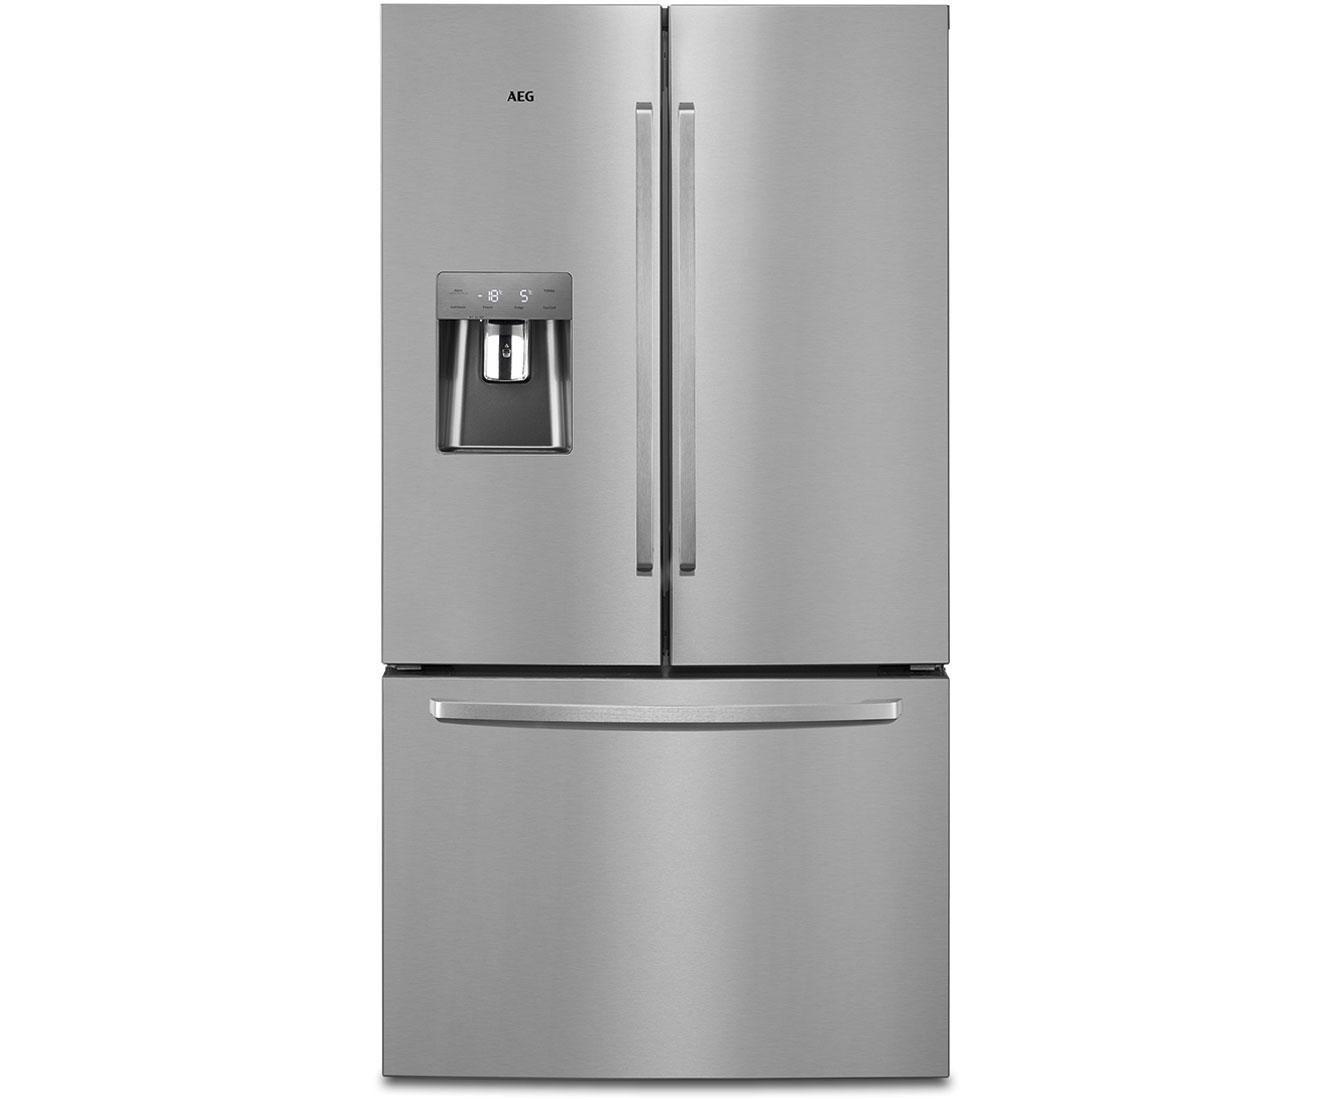 Aeg Kühlschrank Rkb63221dw : Coolmatic preisvergleich u2022 die besten angebote online kaufen